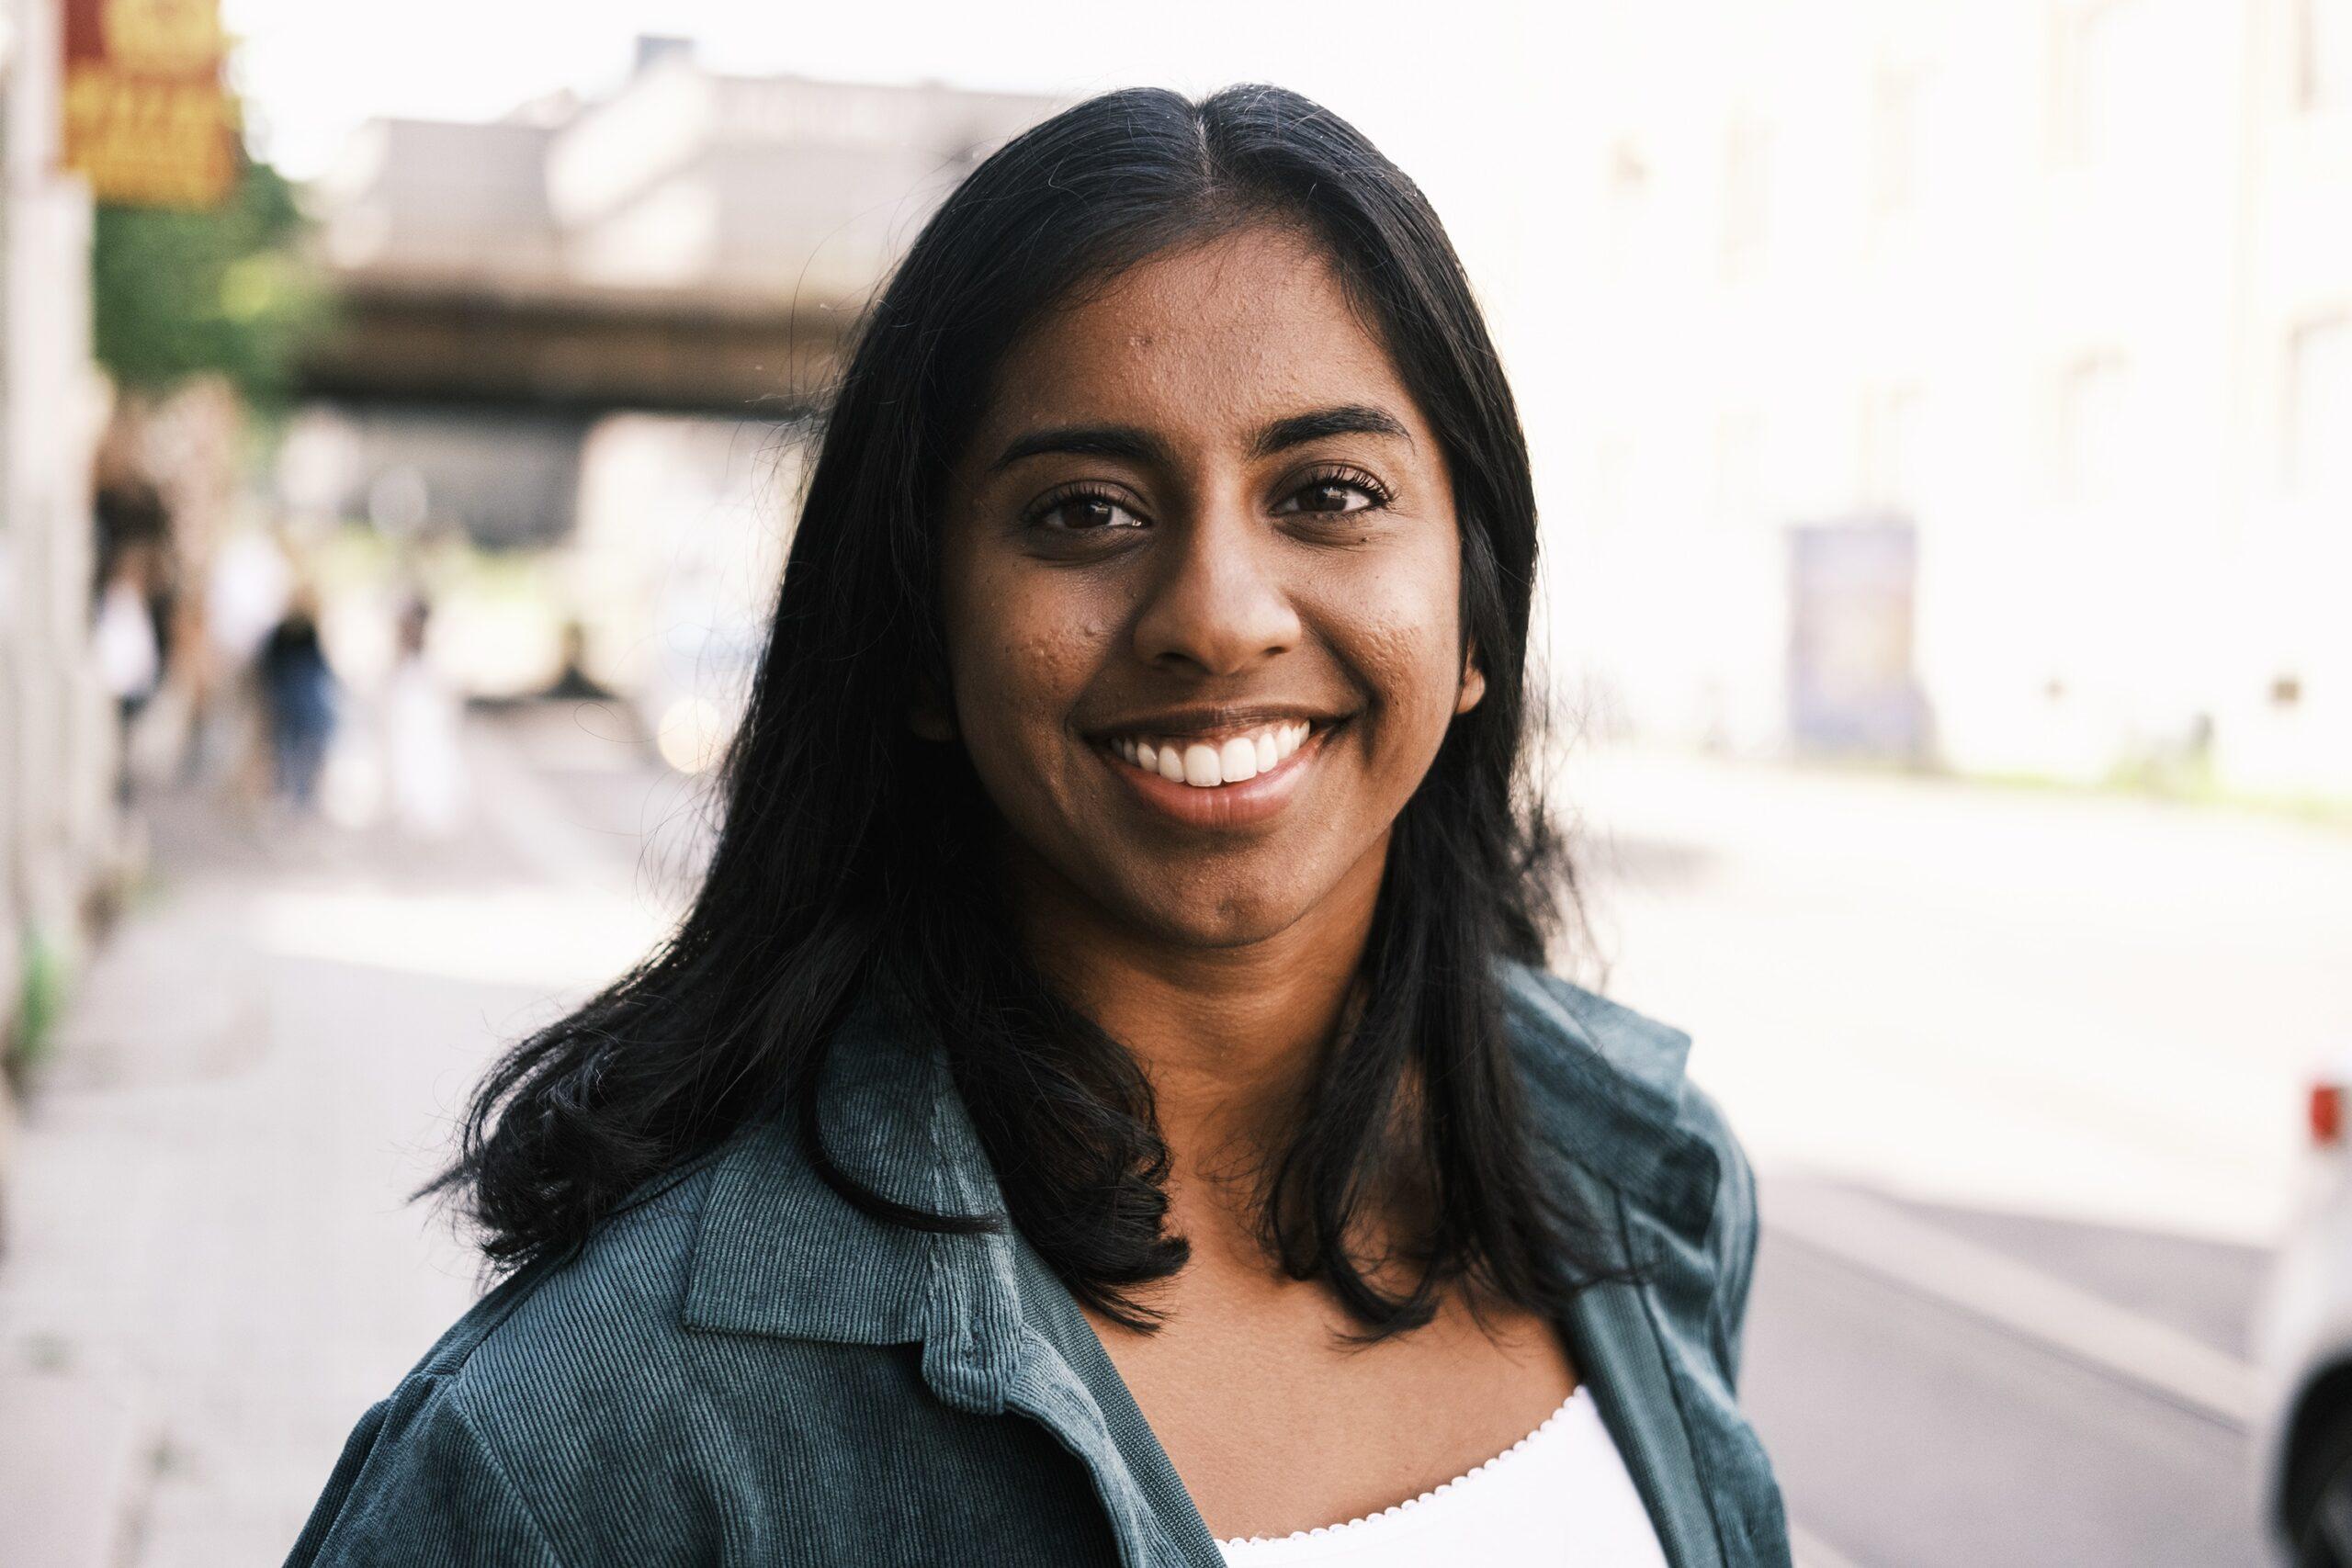 Nærbilde av en jente som står på gaten og smiler til kamera